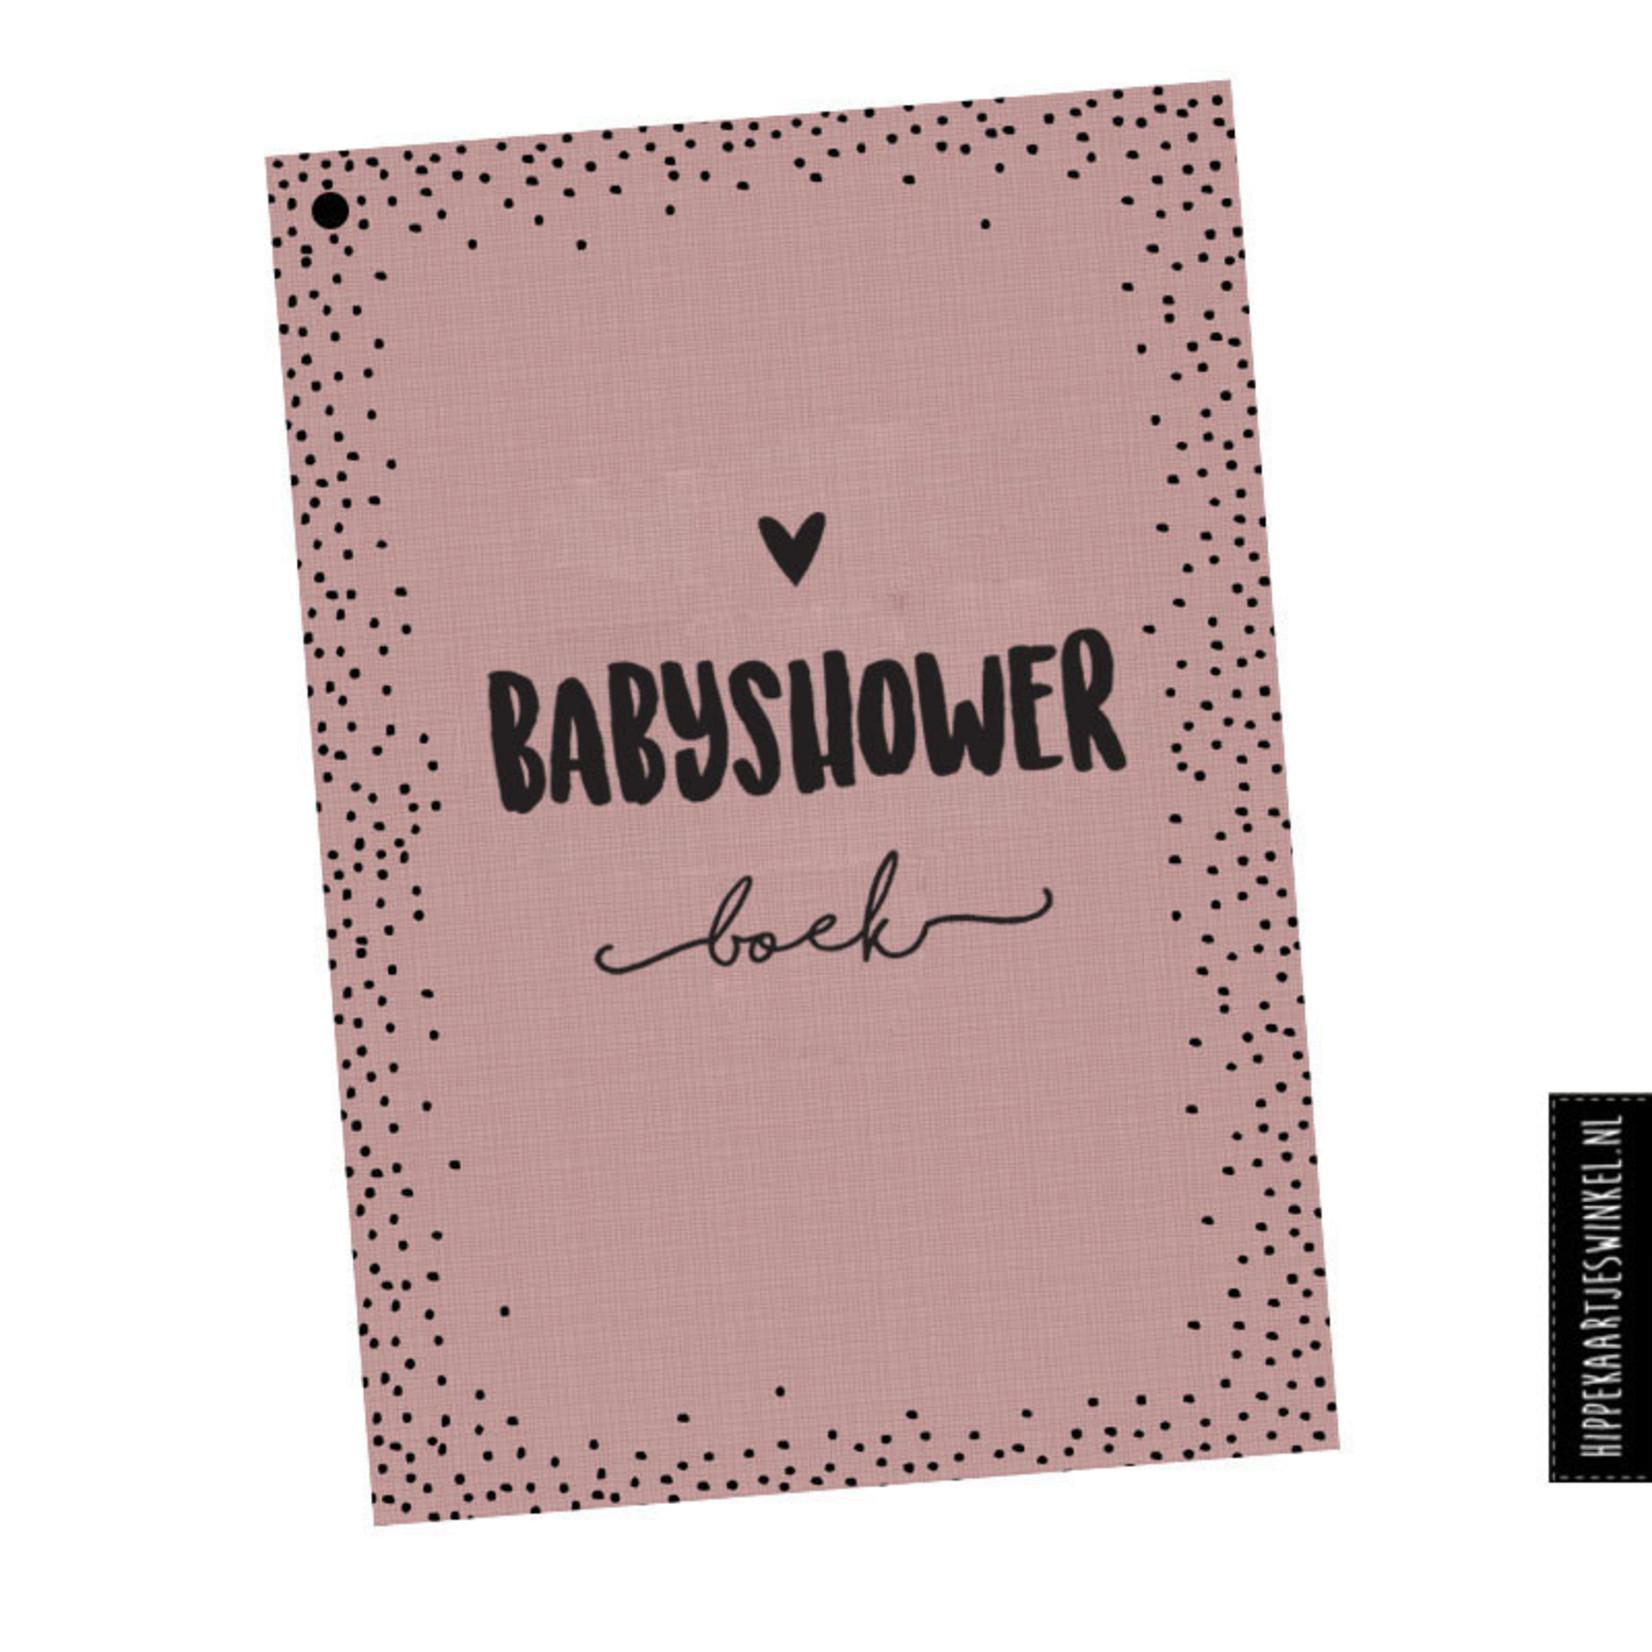 Hippekaartjes | Babyshowerboek roze